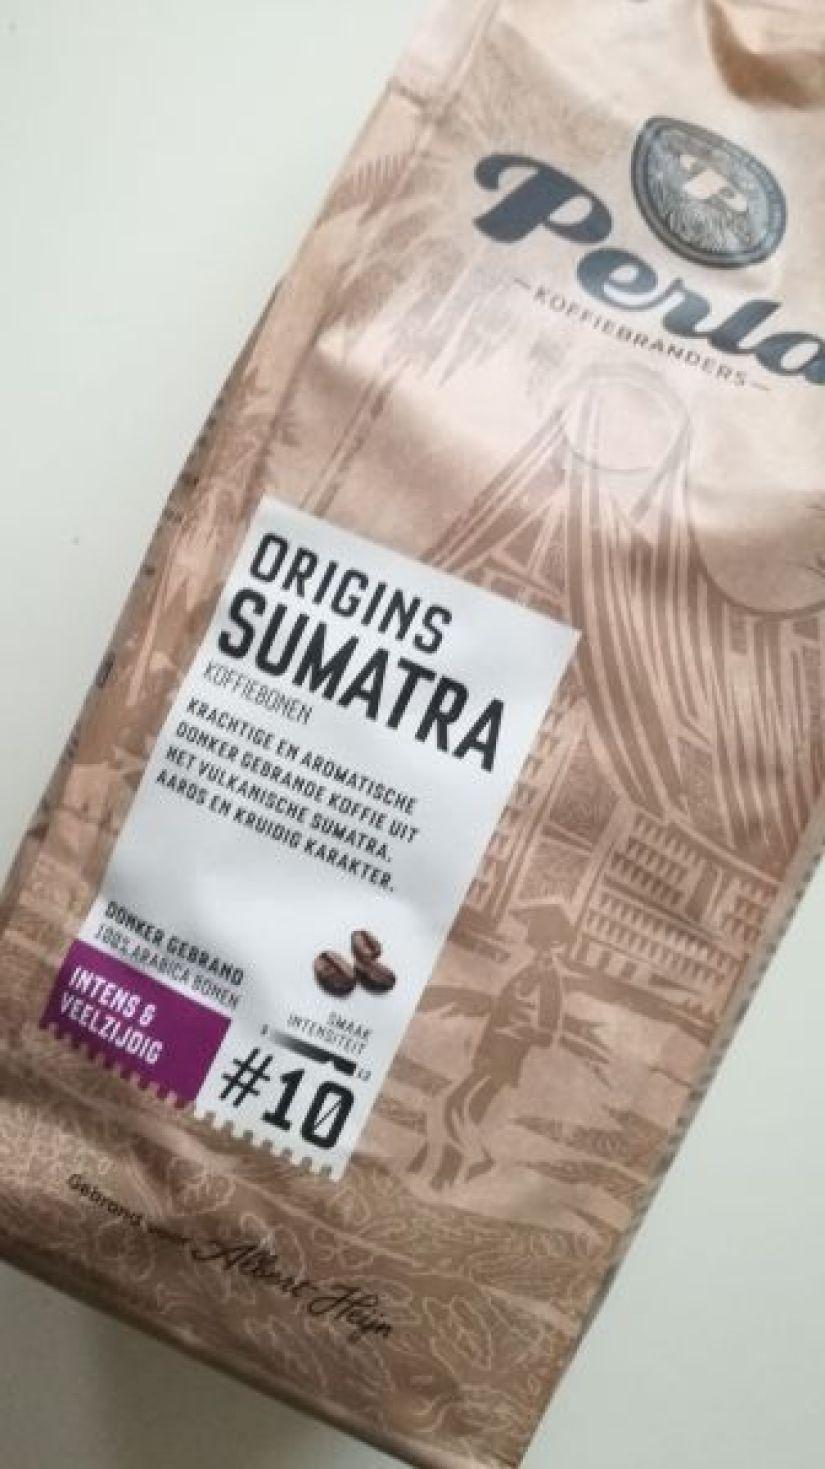 perla sumatra koffie AH